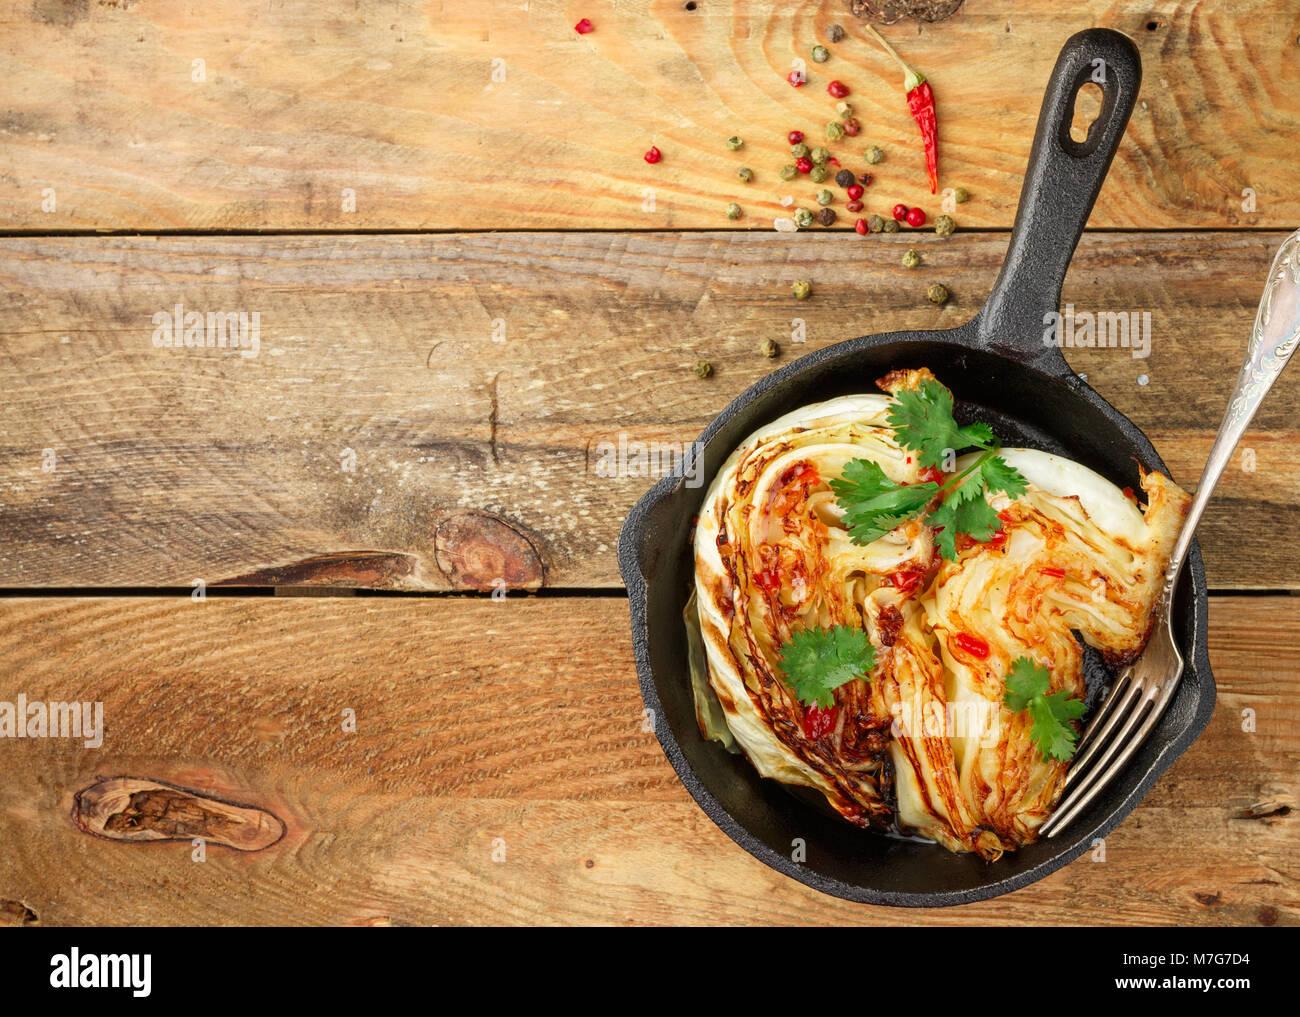 Le chou cuit avec des épices biologiques, la coriandre et la sauce chaude. Focus sélectif. Copier l'espace. Photo Stock